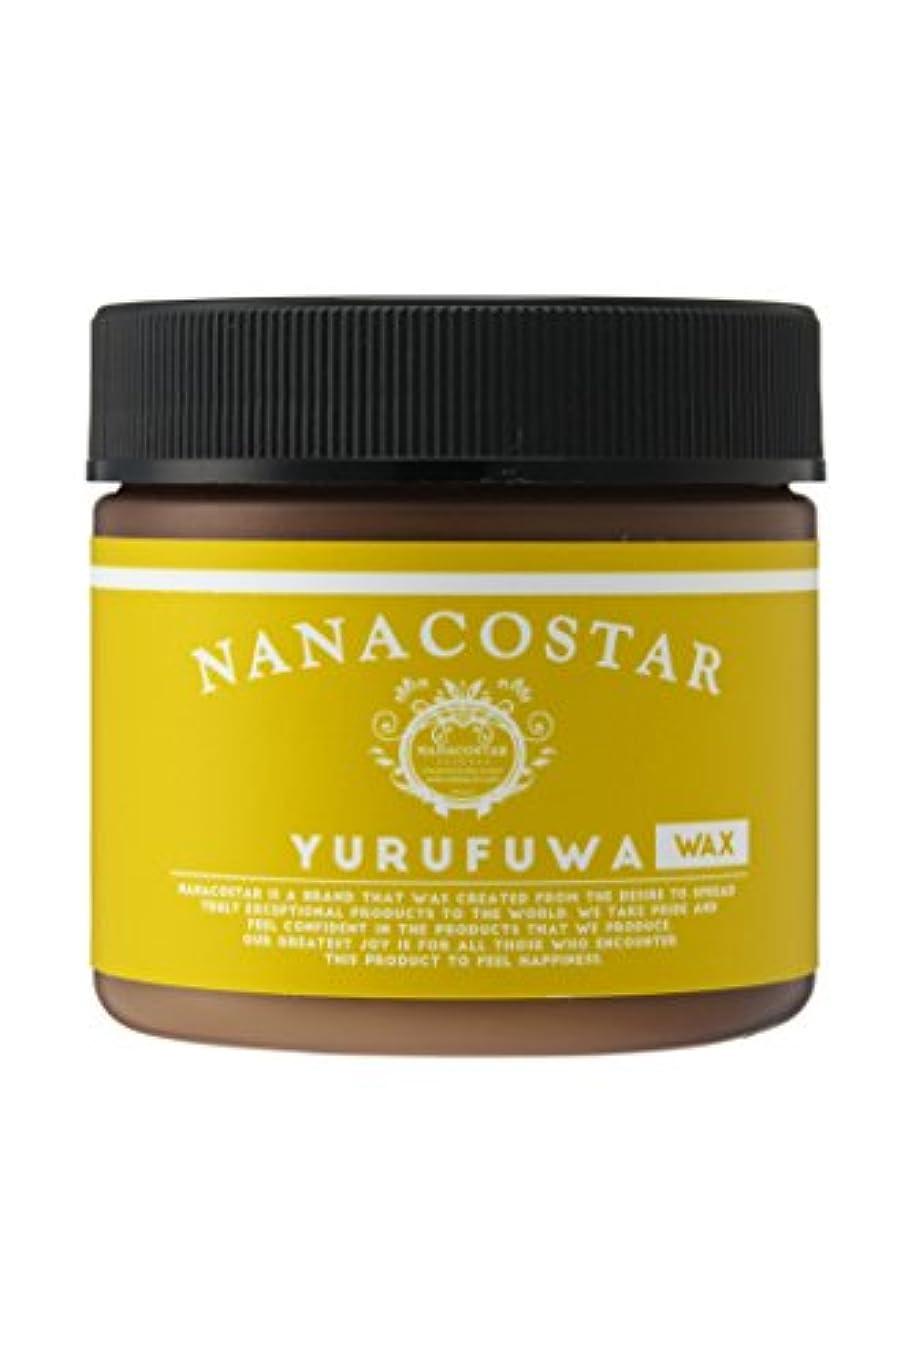 モジュール浮く私のナナコスター [NANACOSTAR] ユルフワ ワックス YURUFUWA WAX 75g …